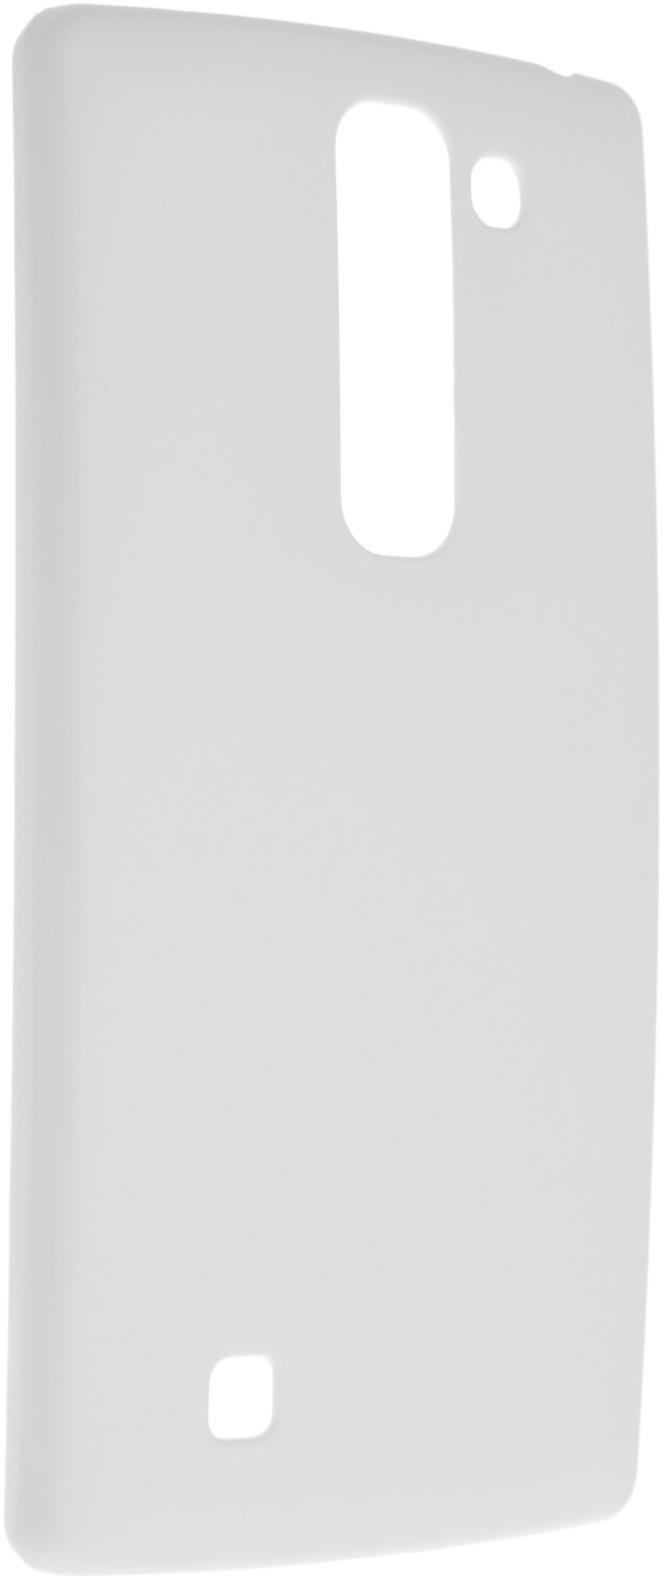 Чехол для сотового телефона skinBOX 4People, 4660041406900, белый стоимость